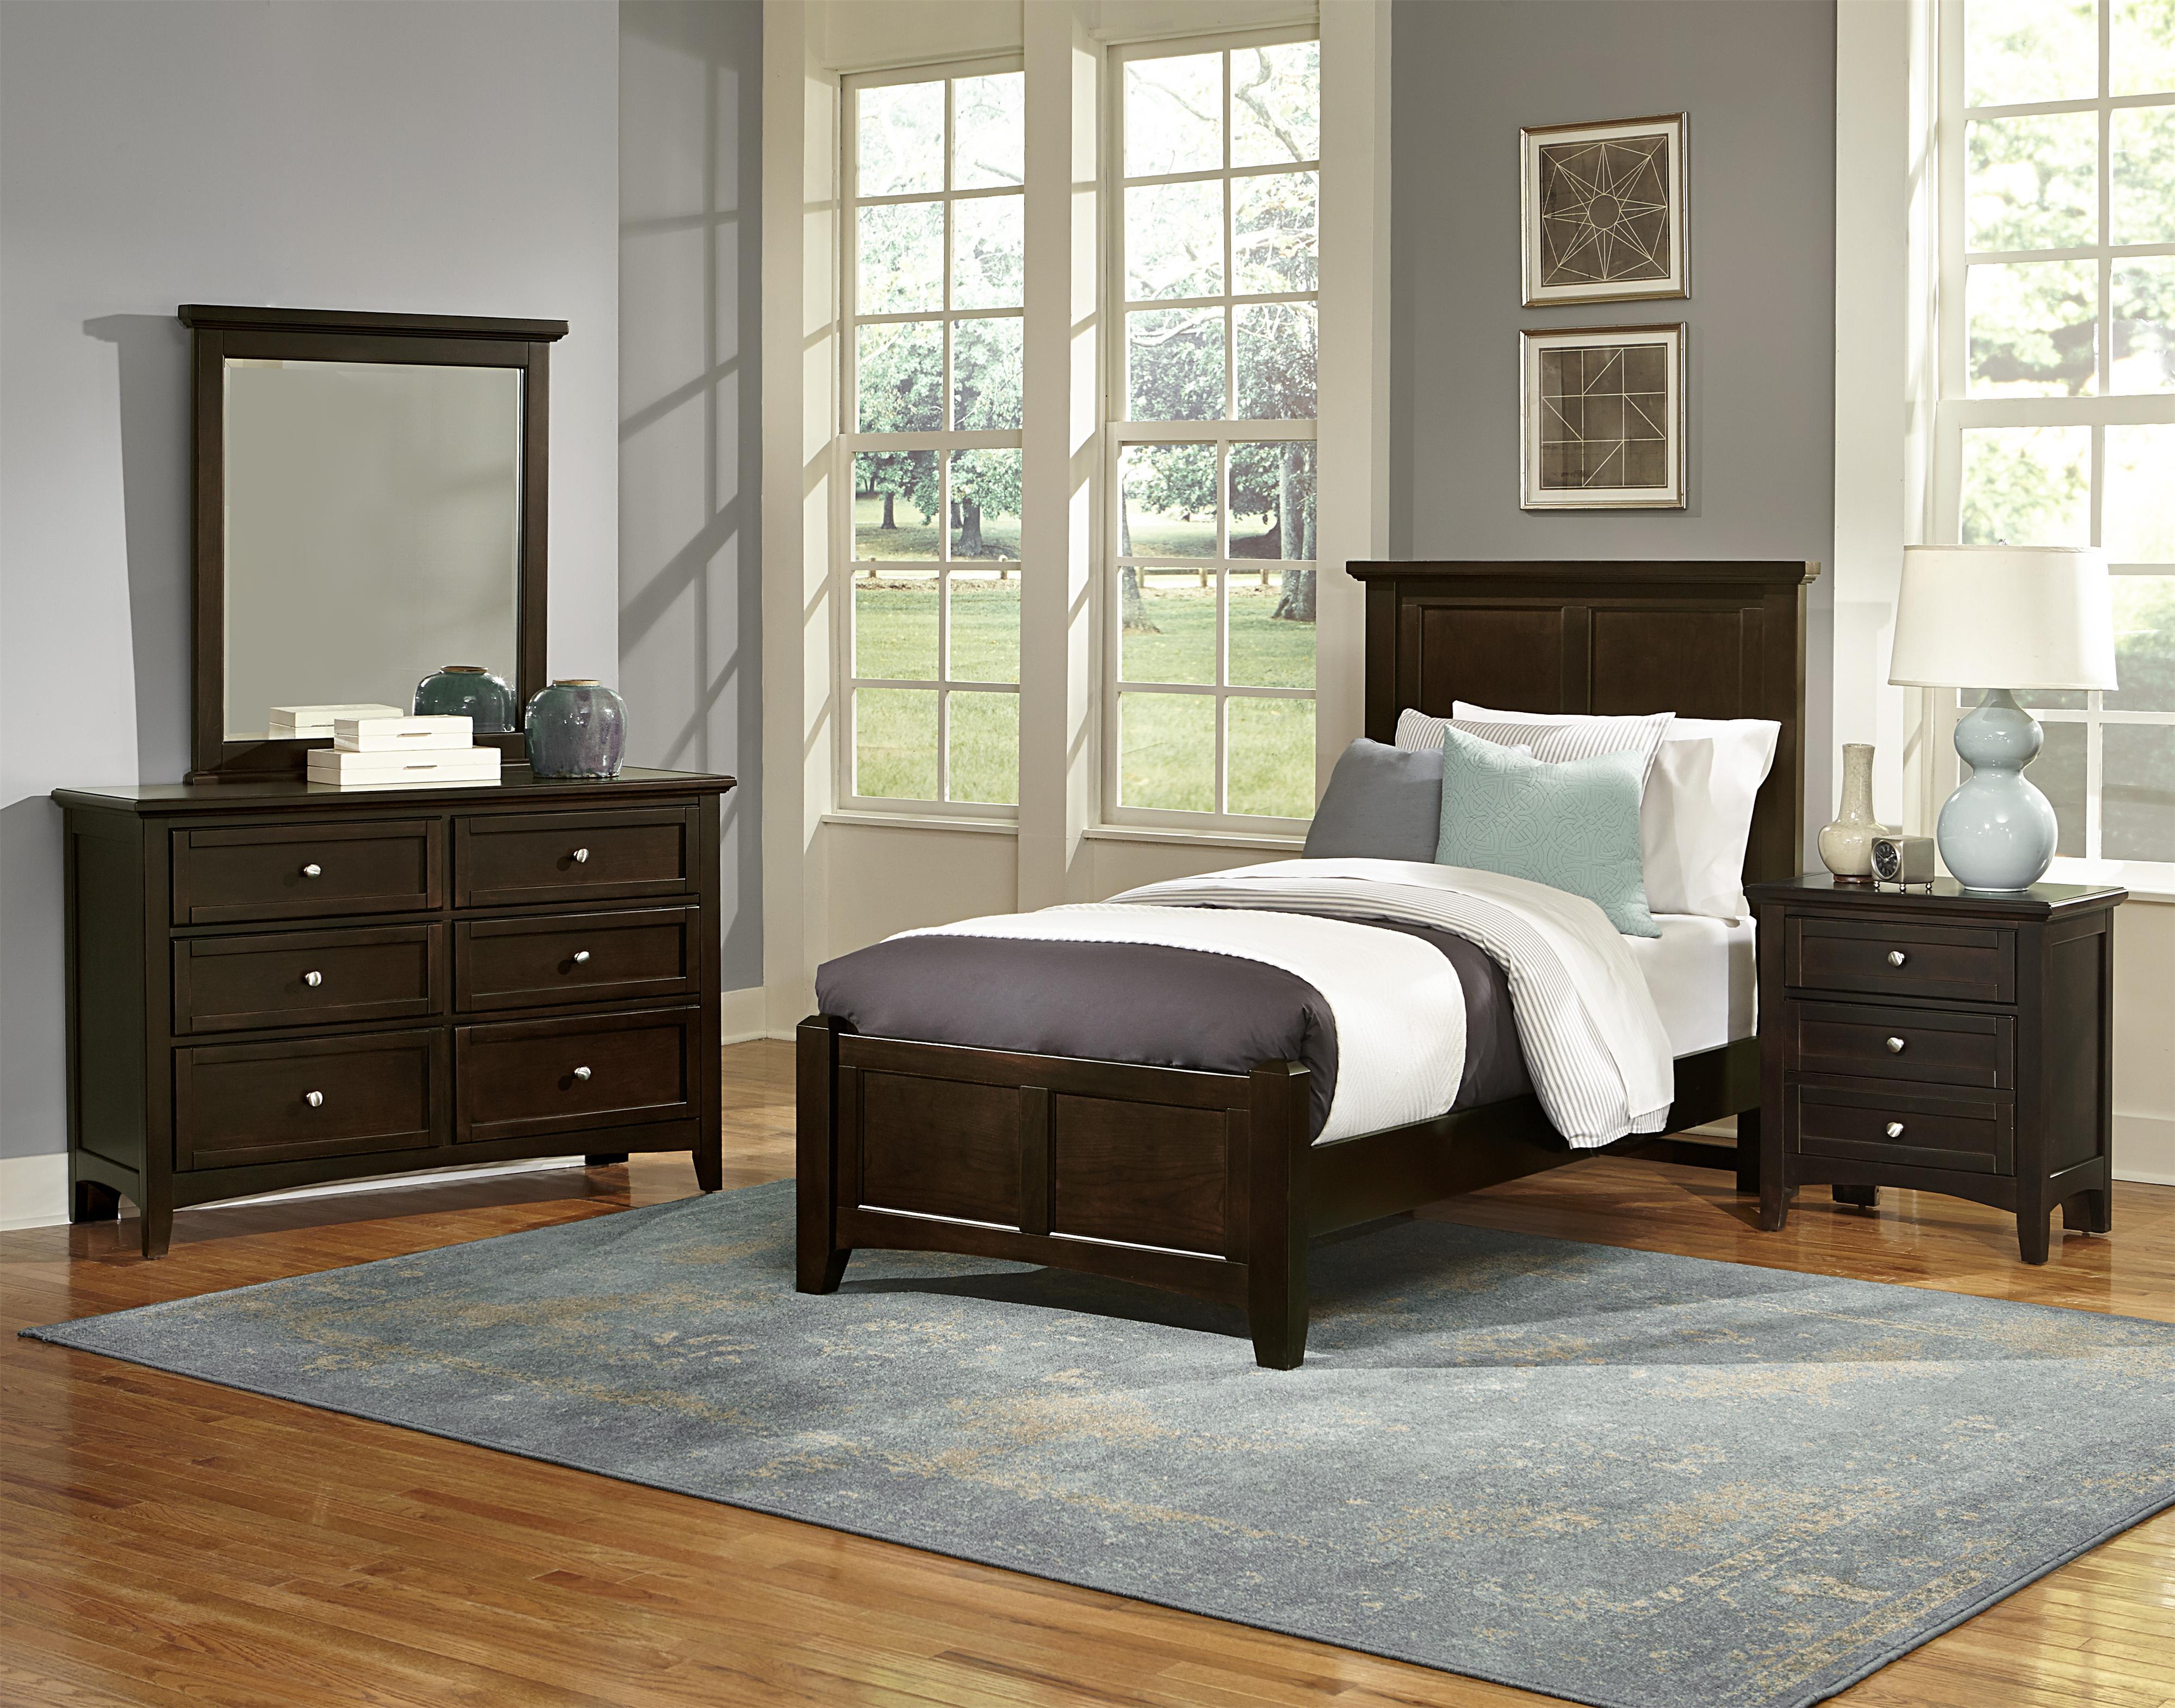 Vaughan Bassett Bonanza Twin Bedroom Group Belfort Furniture Bedroom Groups